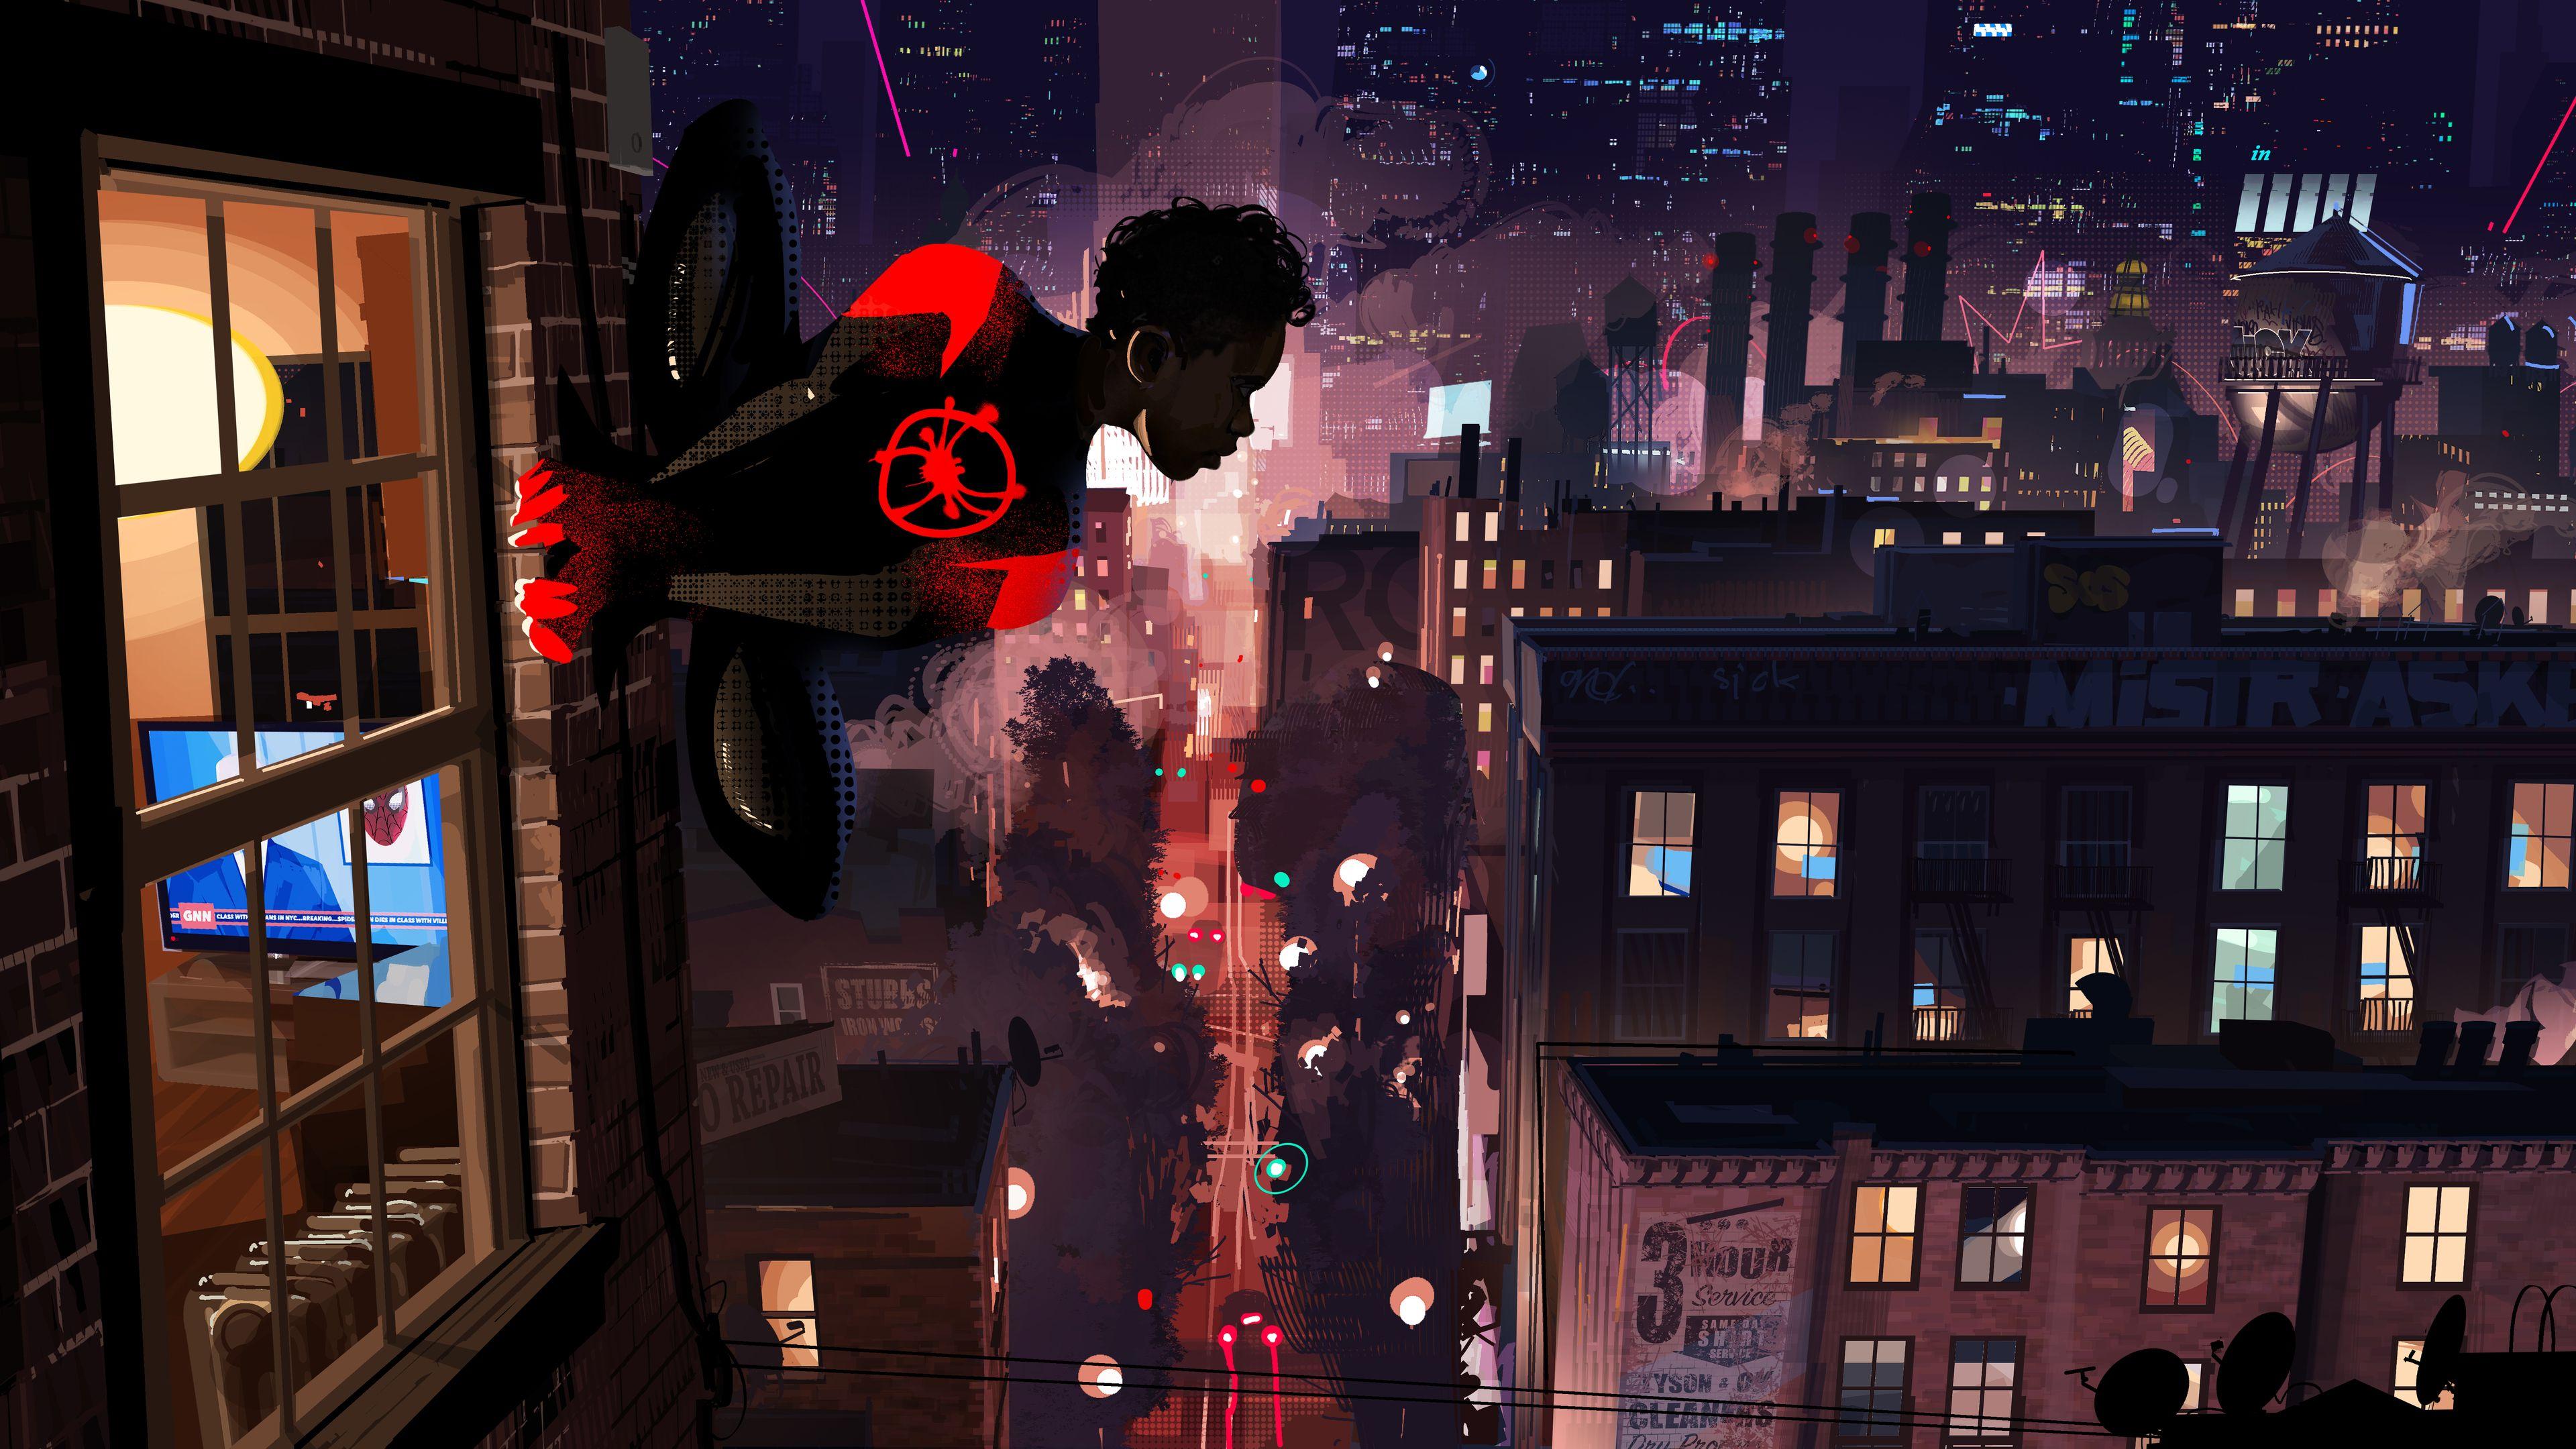 Spiderman Into The Spider Verse 4k Spiderman Wallpapers Spiderman Into The Spider Verse Wallpapers Movies Wallpapers Verse Art Spider Verse Concept Art World